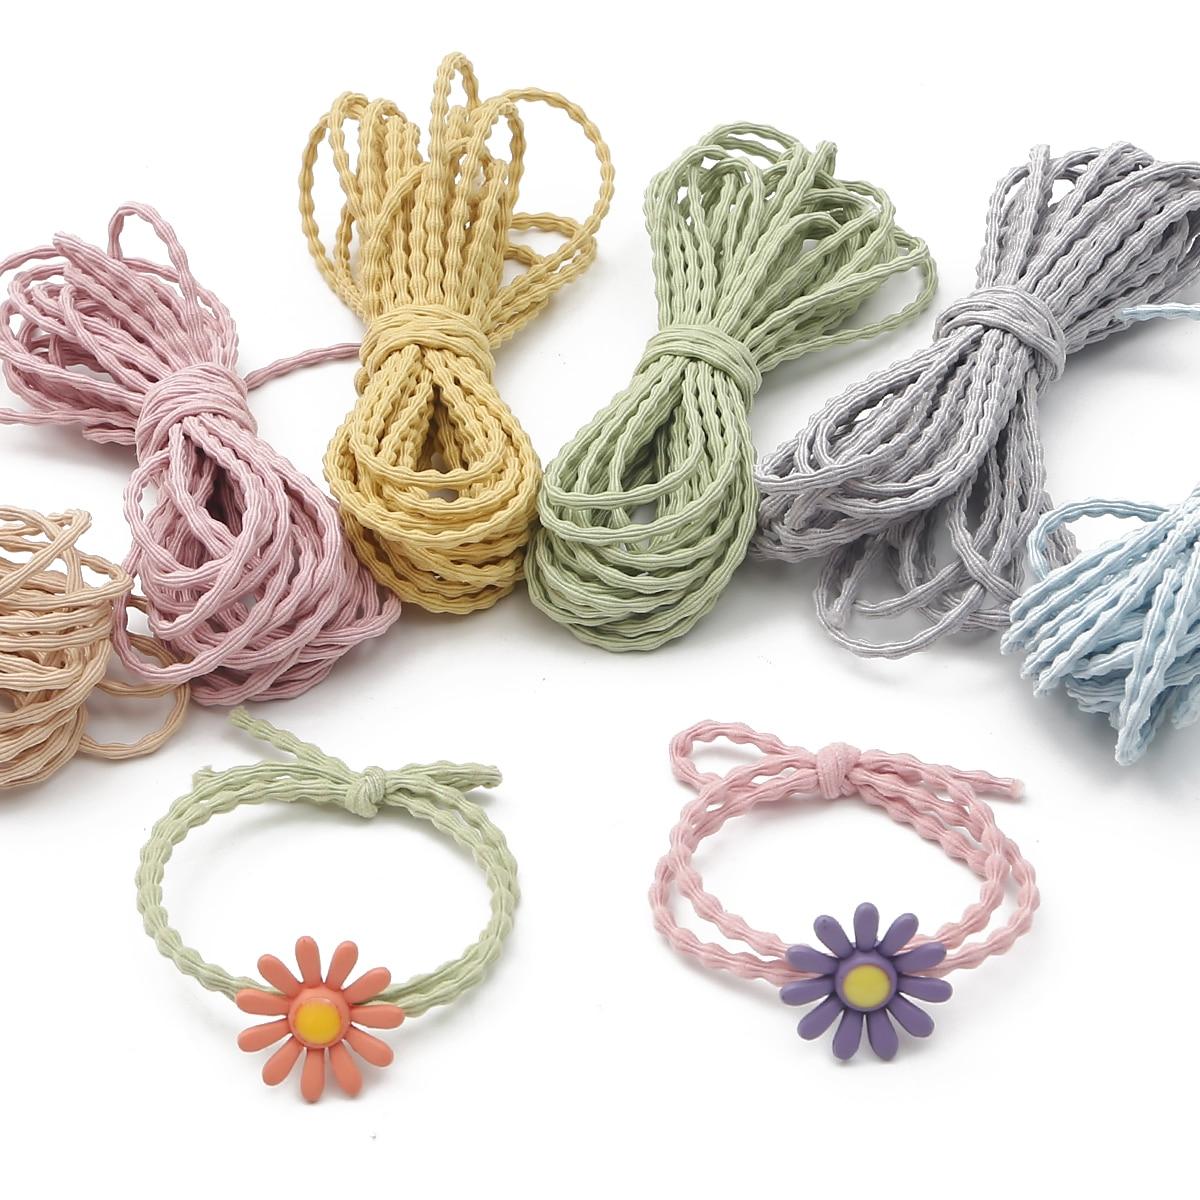 Nowy kolorowy 3mm 5 m/partia wysokiej elastycznej fali gumką przewód elastyczny wątek do tworzenia biżuterii DIY bransoletka akcesoria do szycia